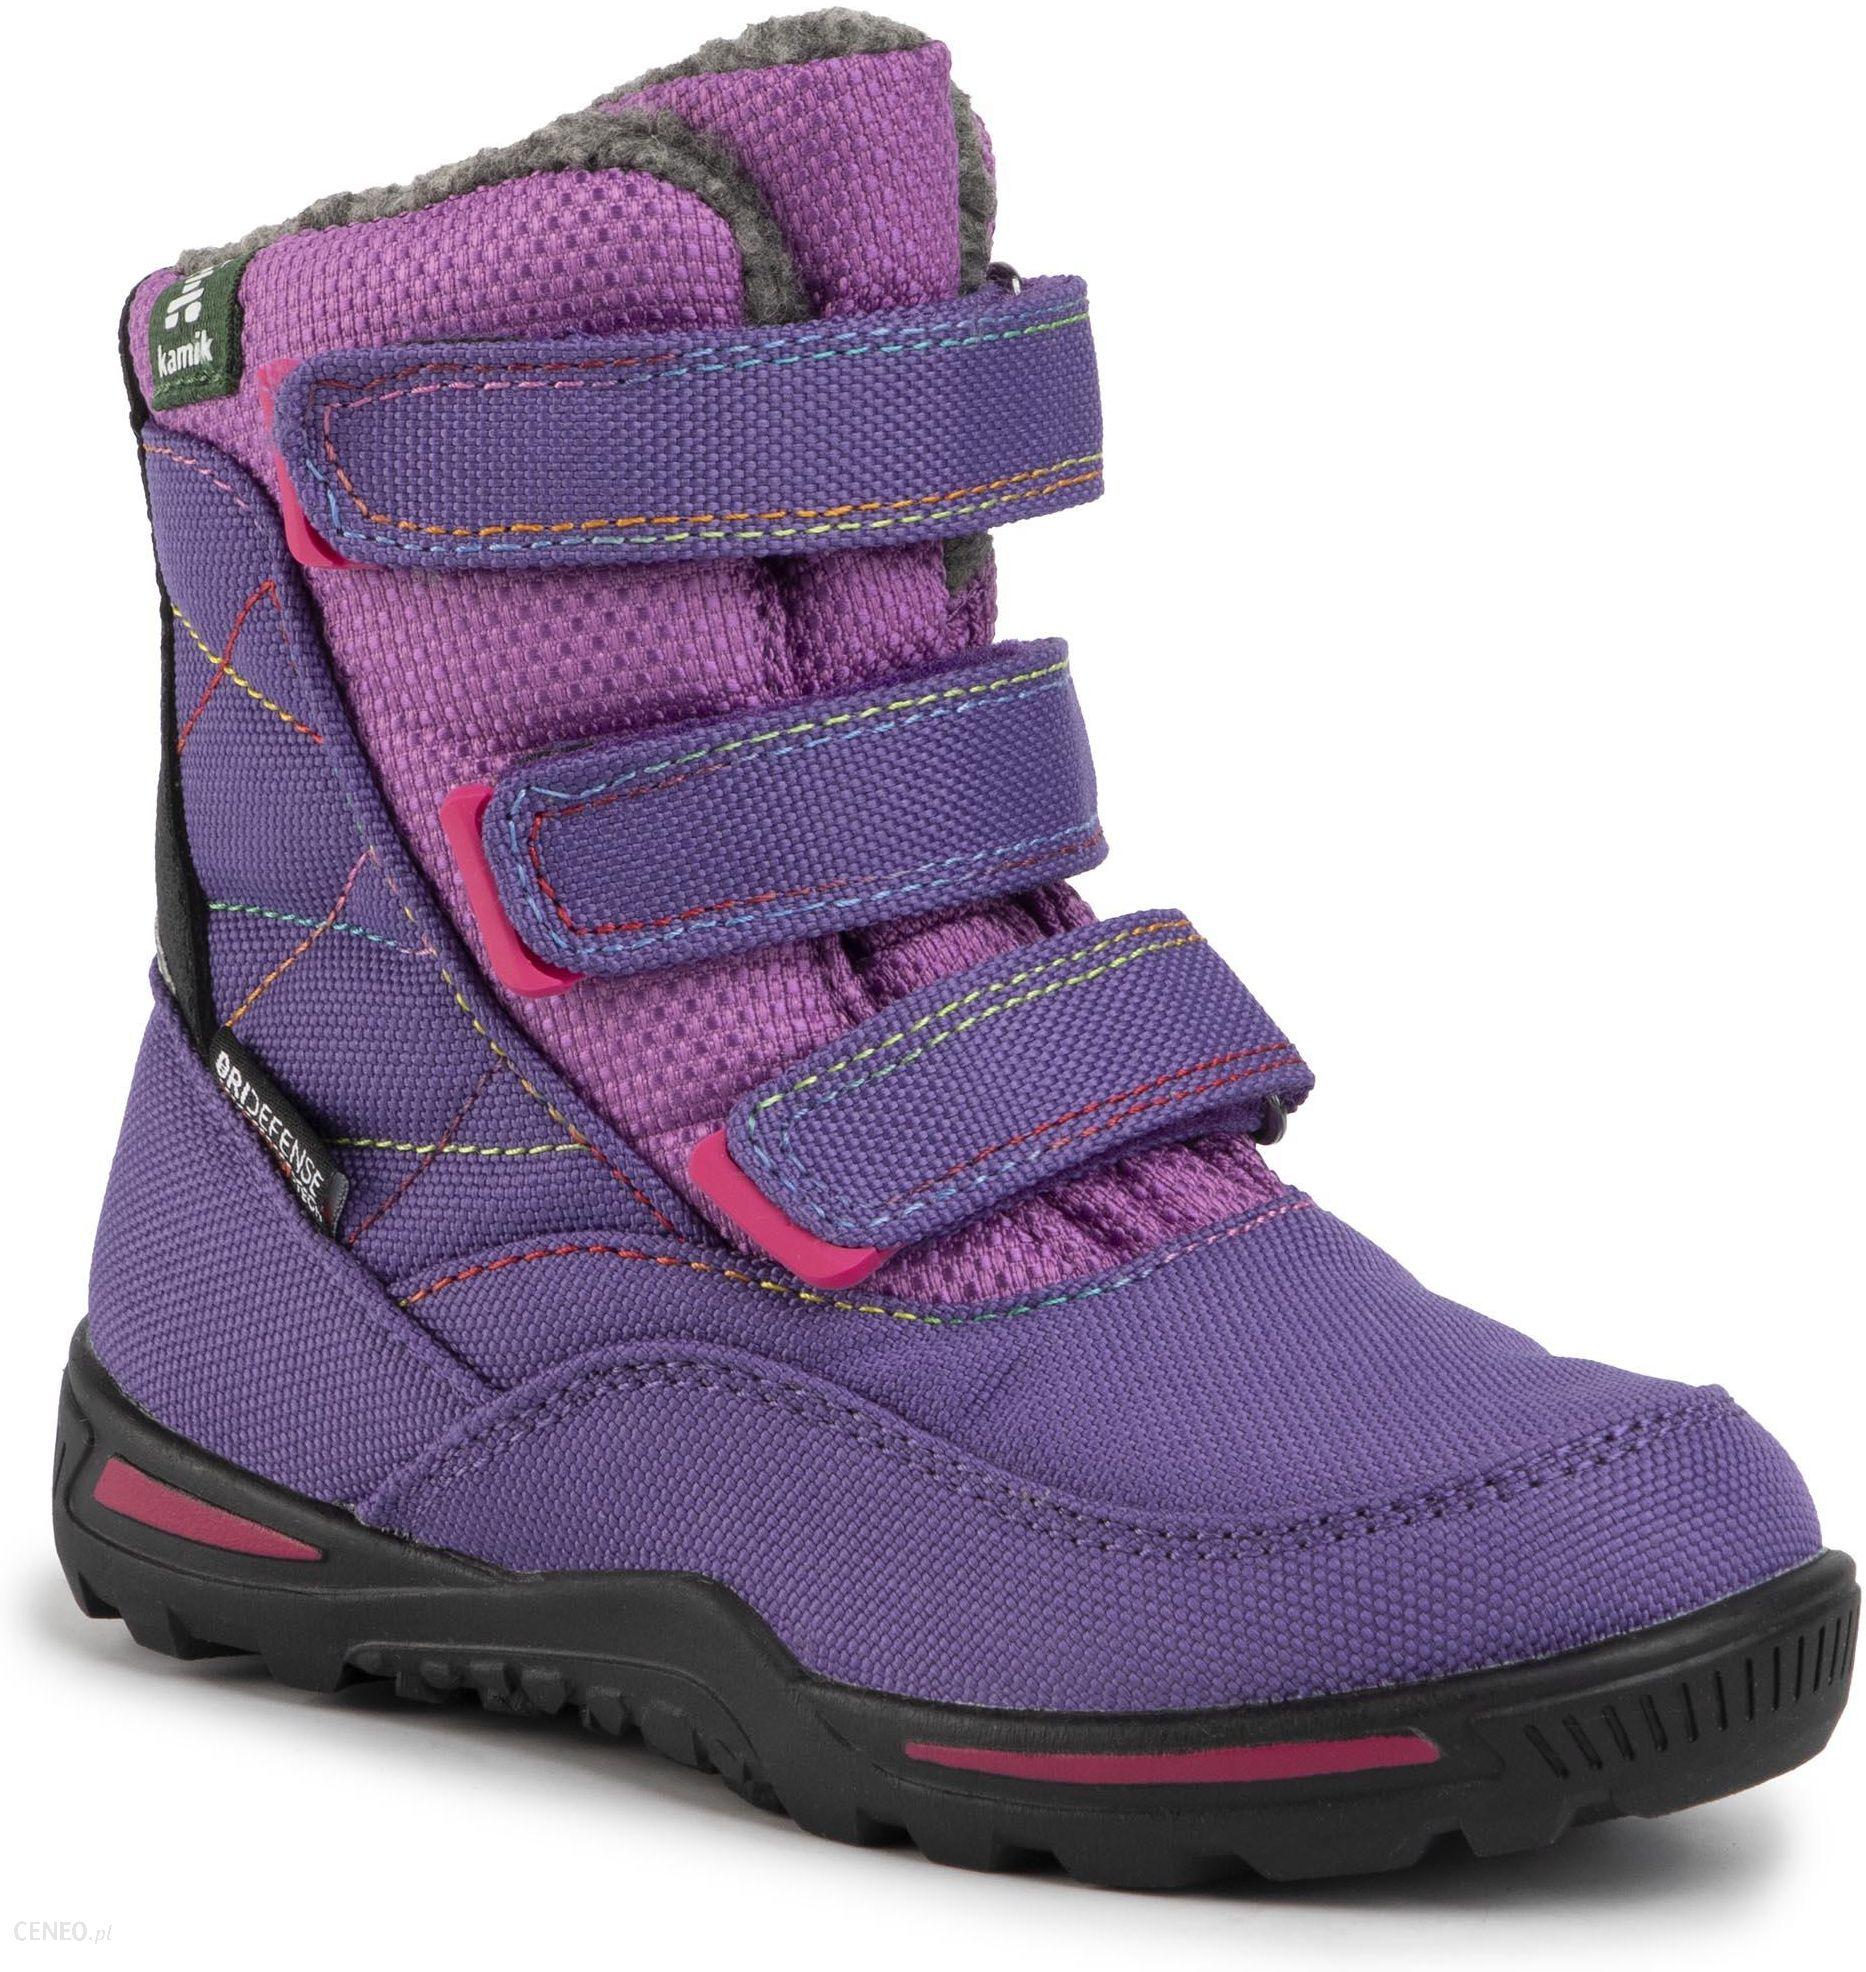 Sniegowce Kamik Hayden Nf4118 Purple Ceny I Opinie Ceneo Pl